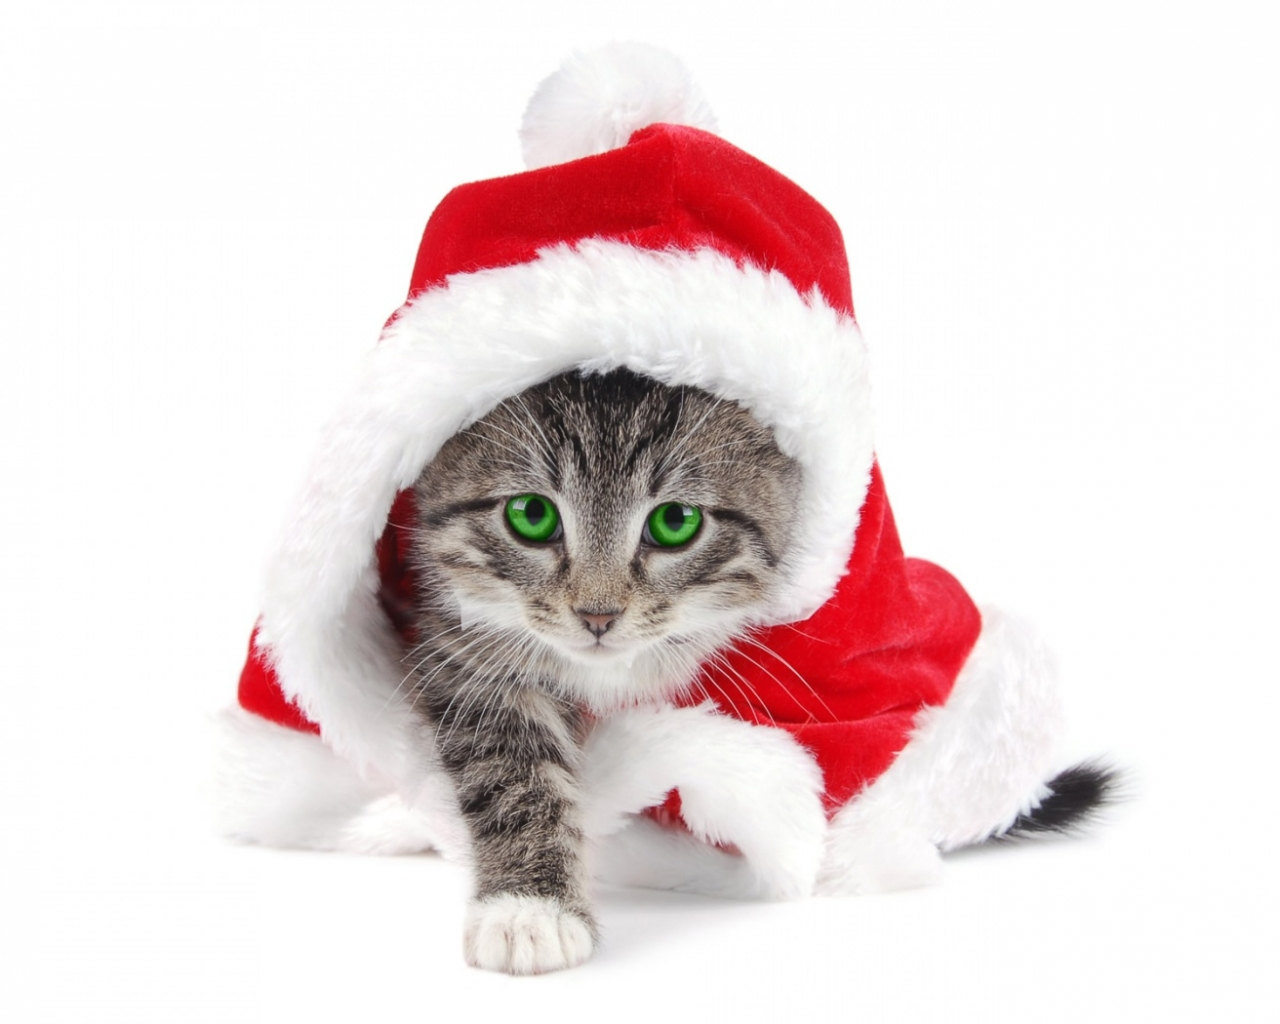 El gato Santa Claus - 1280x1024